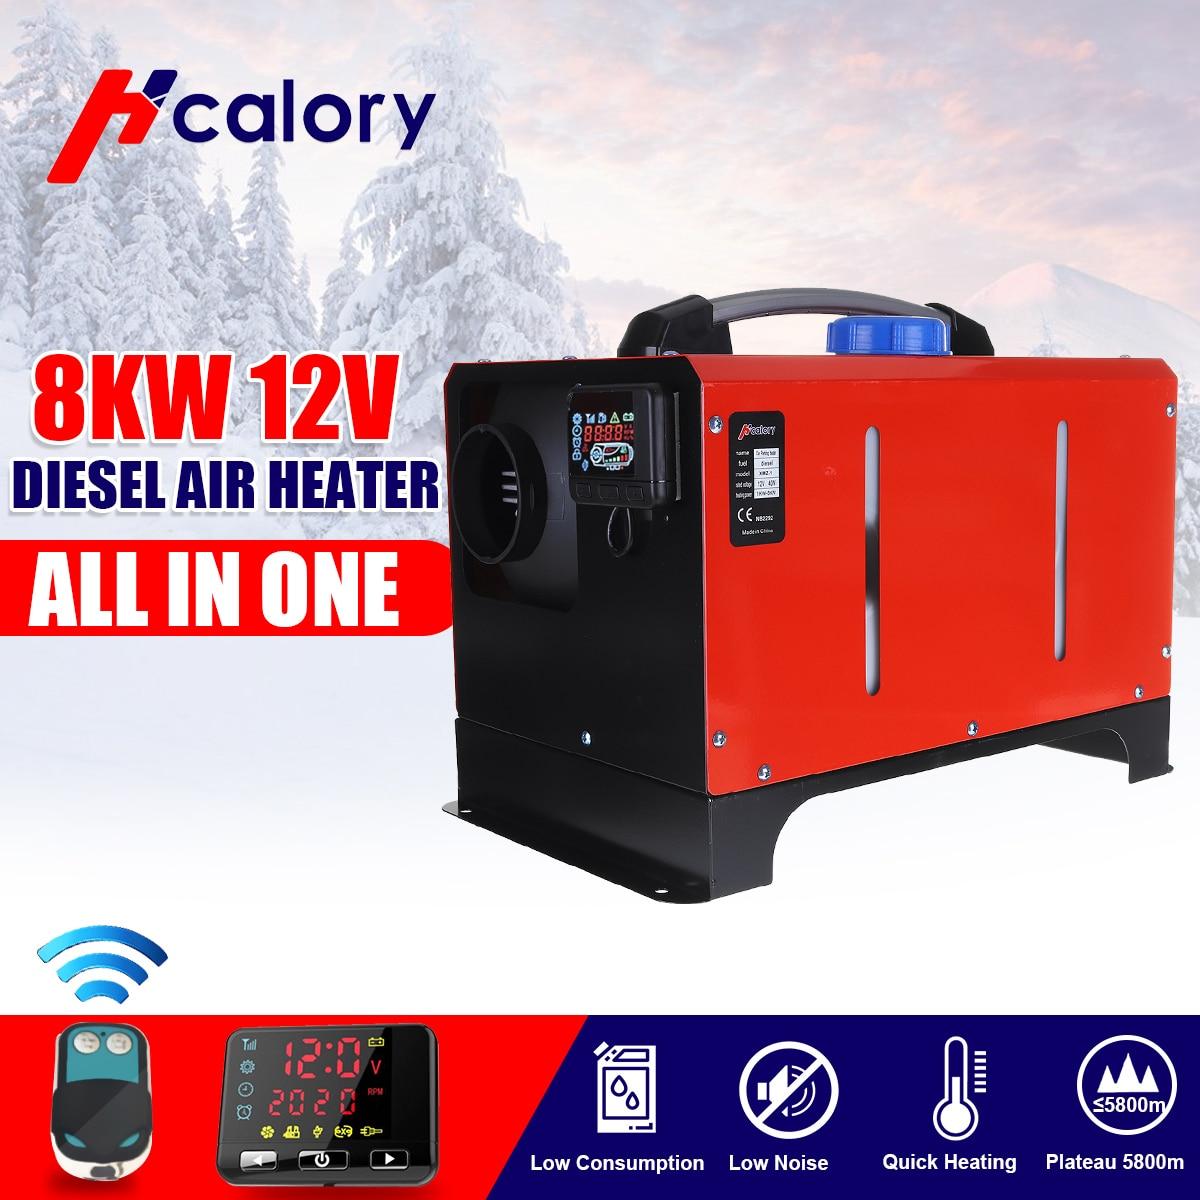 Todo en una unidad 1-8KW 12/24V herramienta de calefacción de coche Diesel calentador de aire de un solo agujero LCD Monitor de estacionamiento calentador para coche camión autobús barco RV